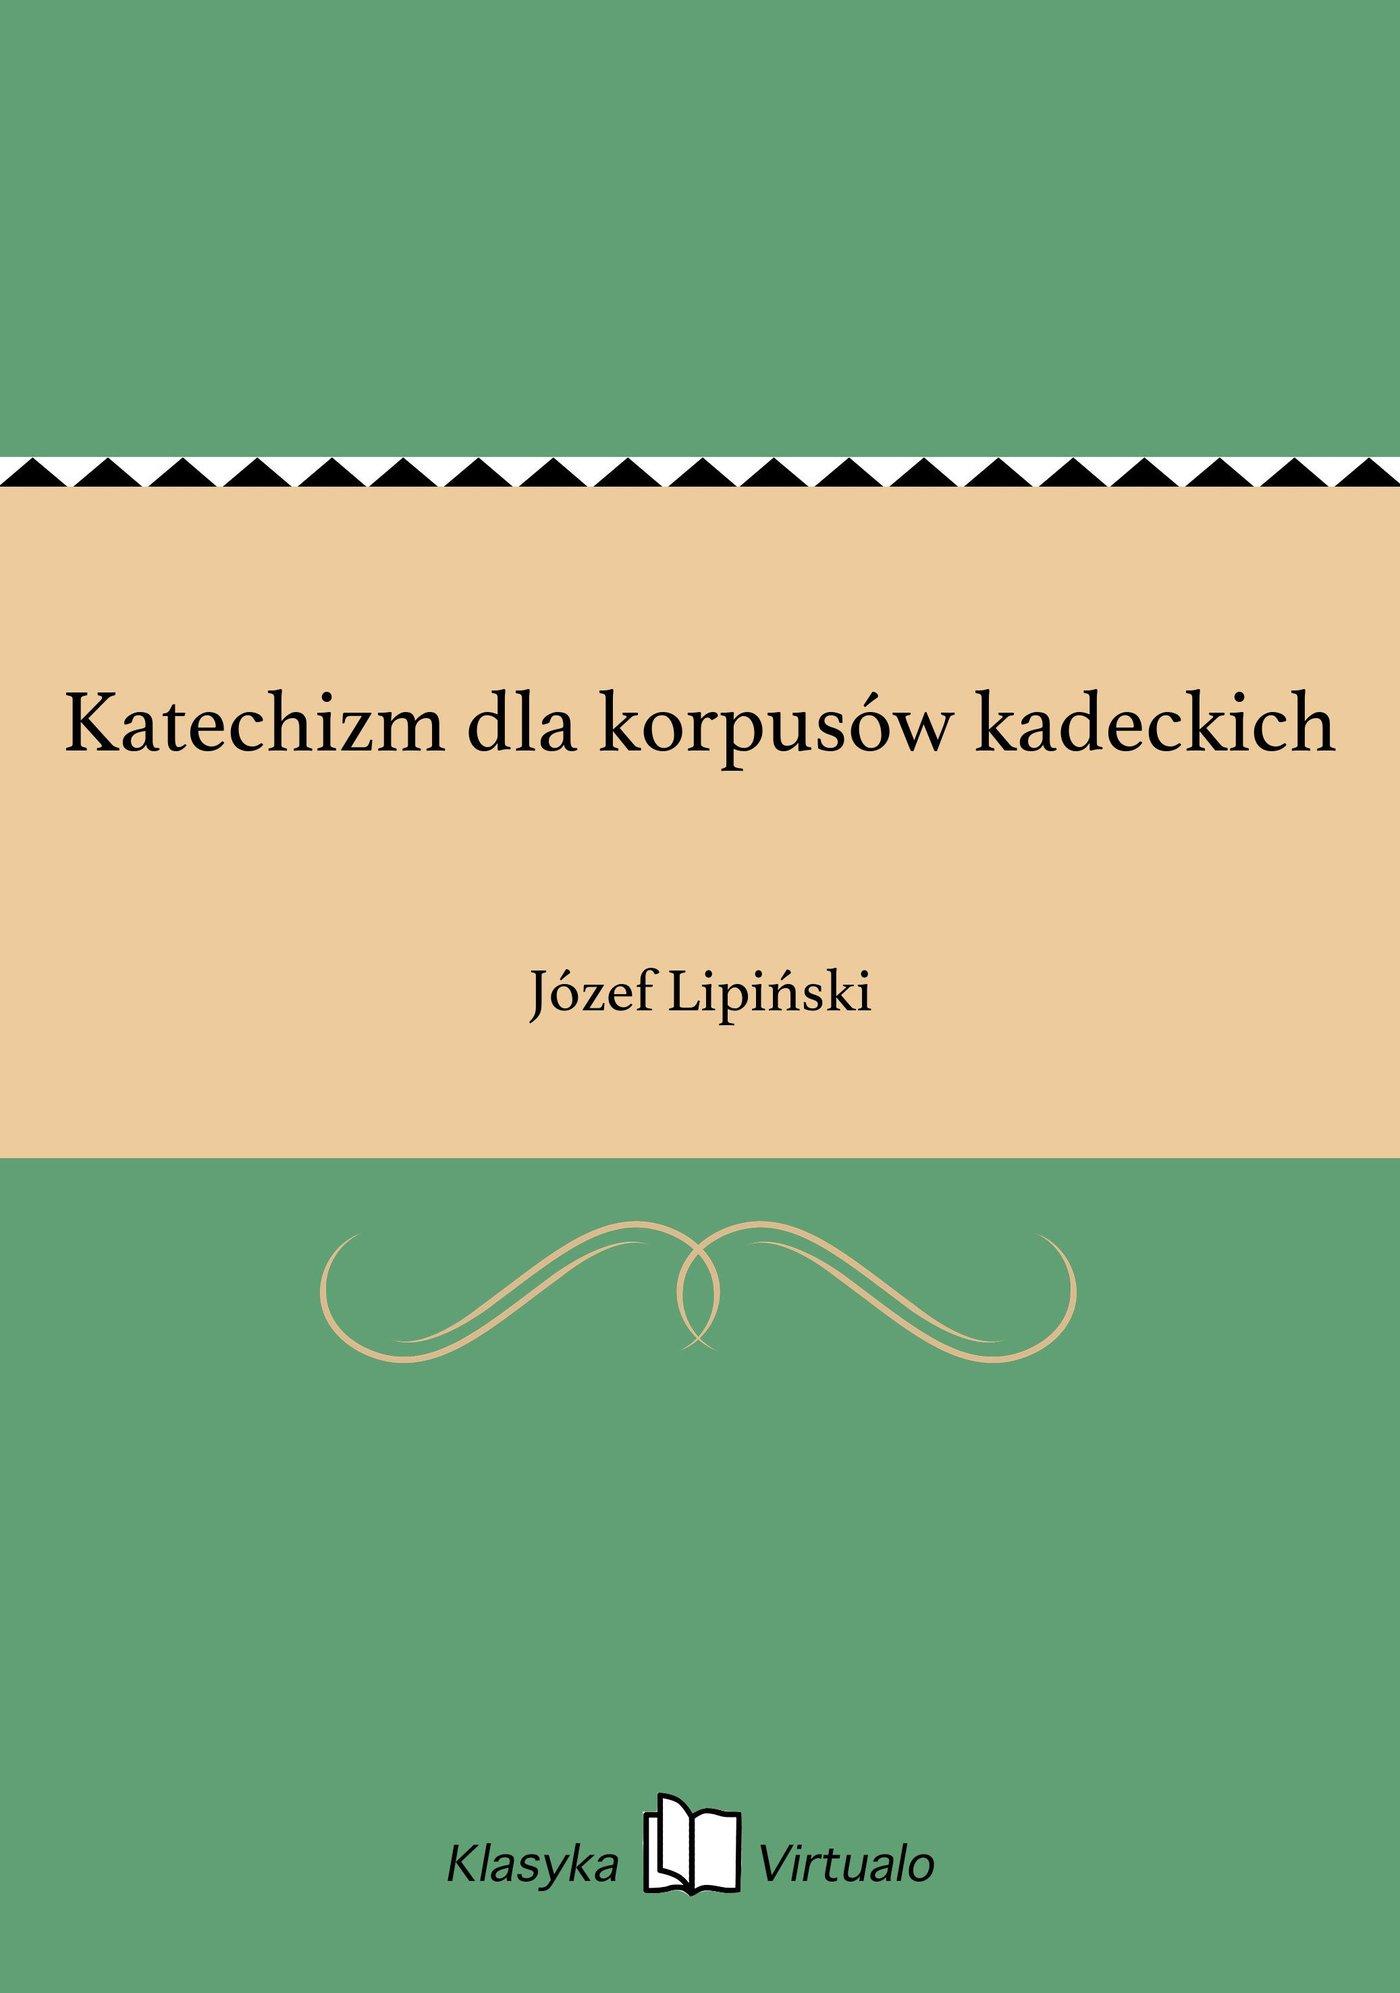 Katechizm dla korpusów kadeckich - Ebook (Książka EPUB) do pobrania w formacie EPUB